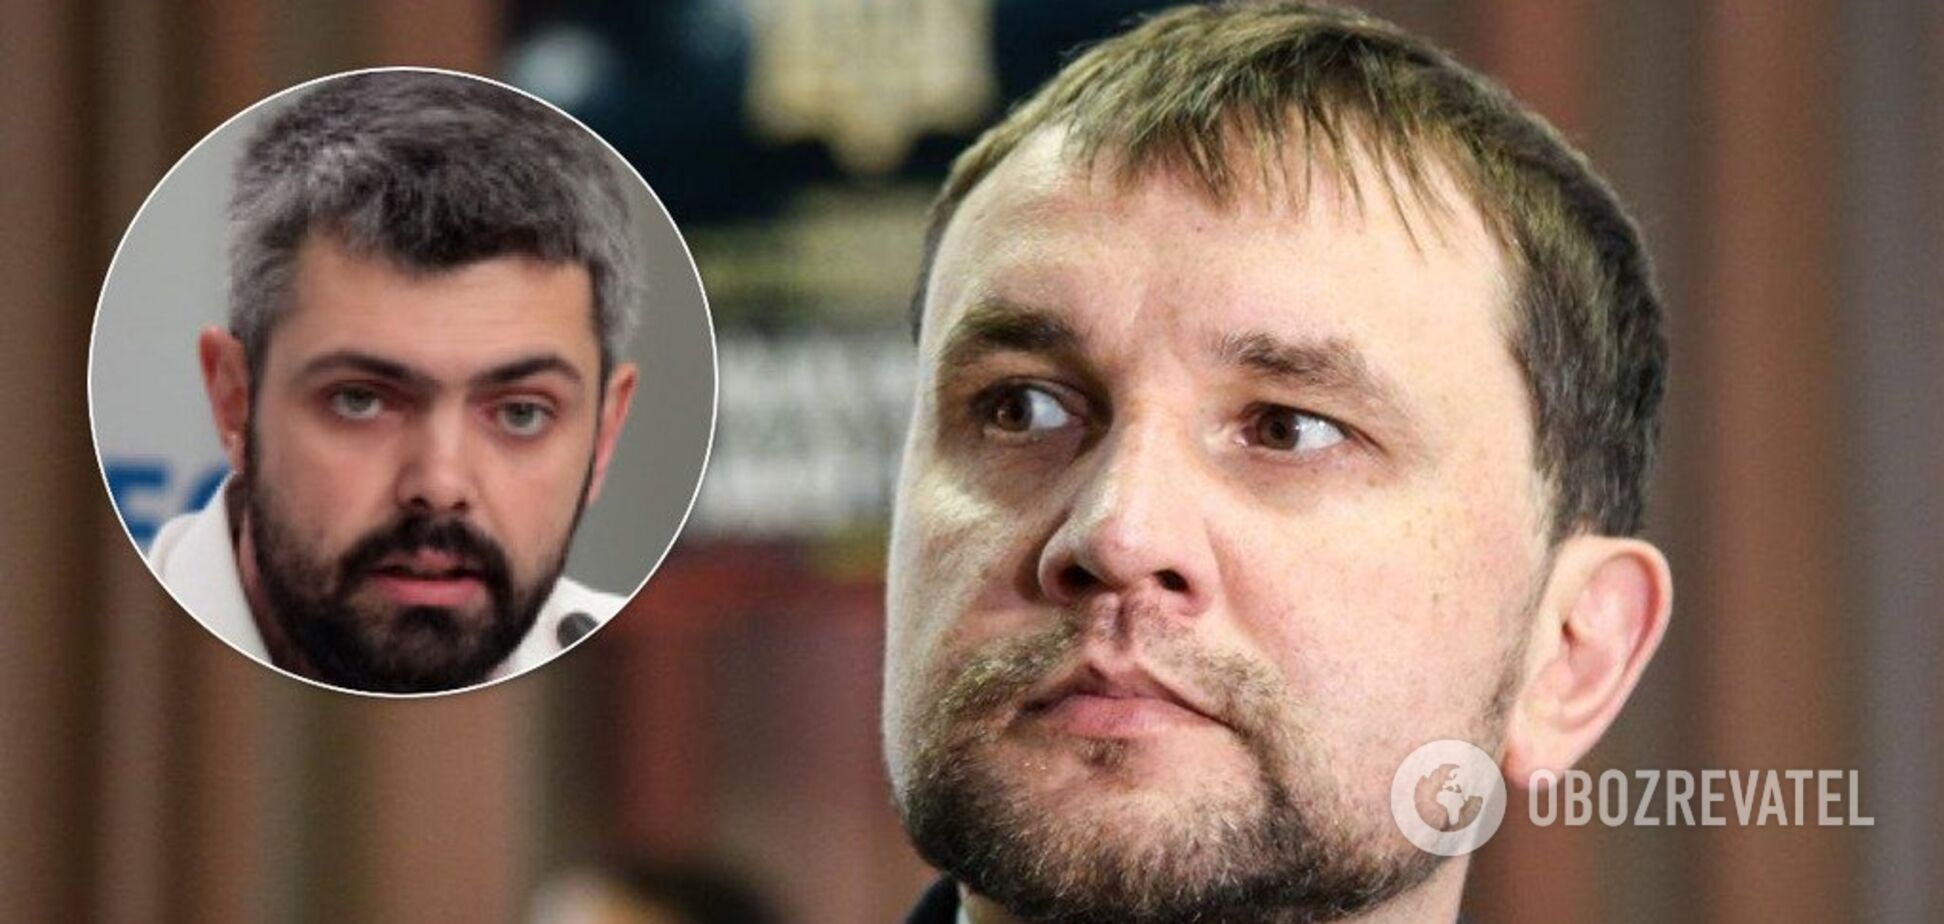 Російський лобіст із 'лівих': що відомо про заміну В'ятровича в Інституті нацпам'яті